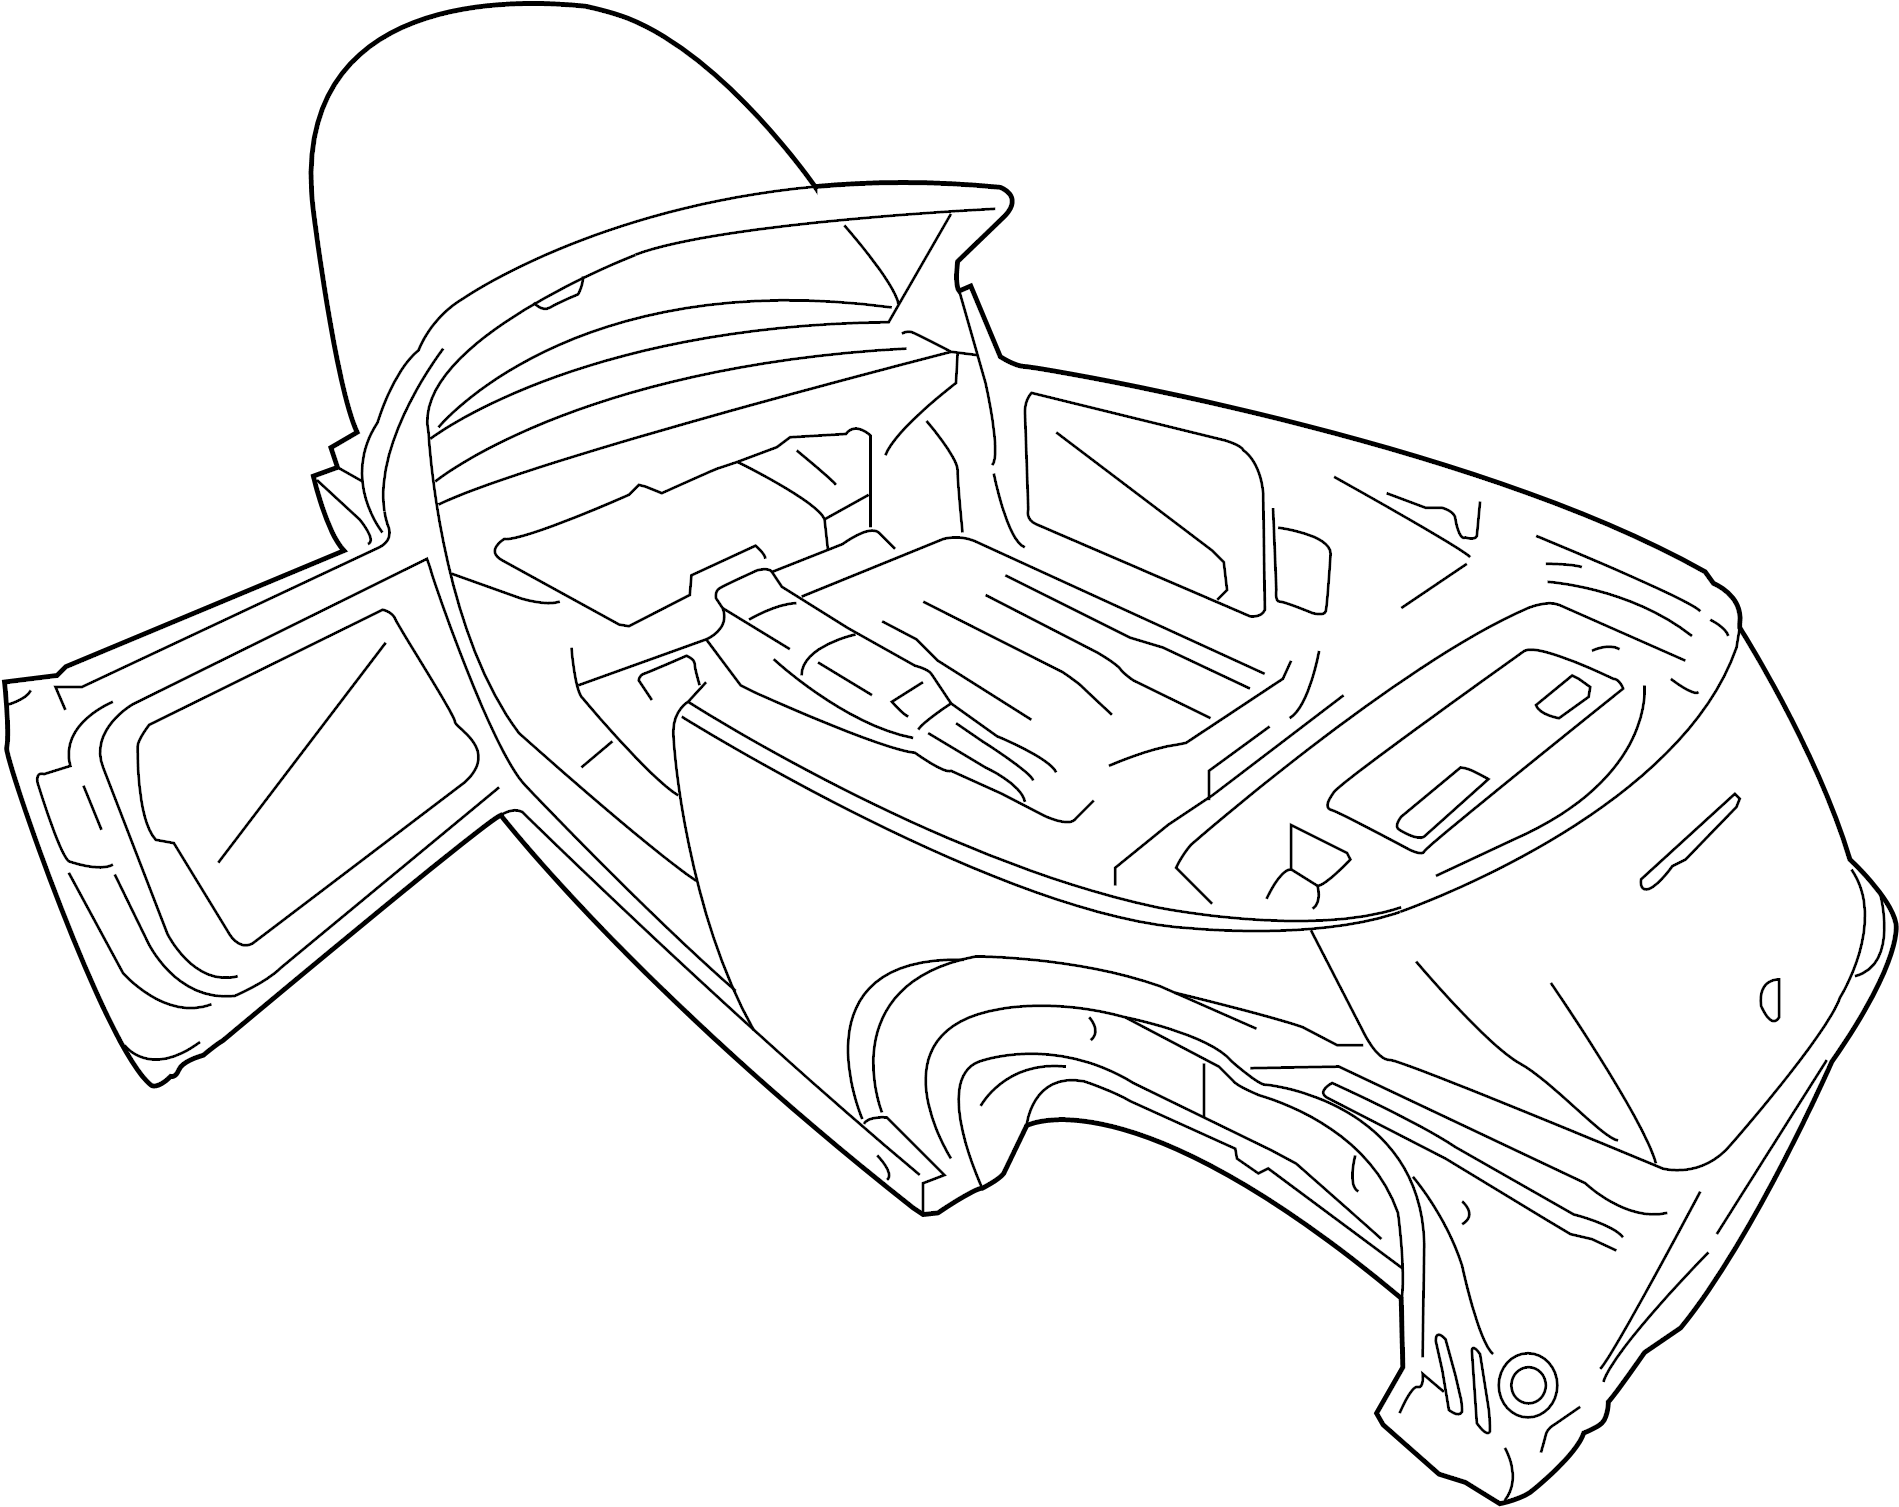 2003 volkswagen beetle body parts diagram